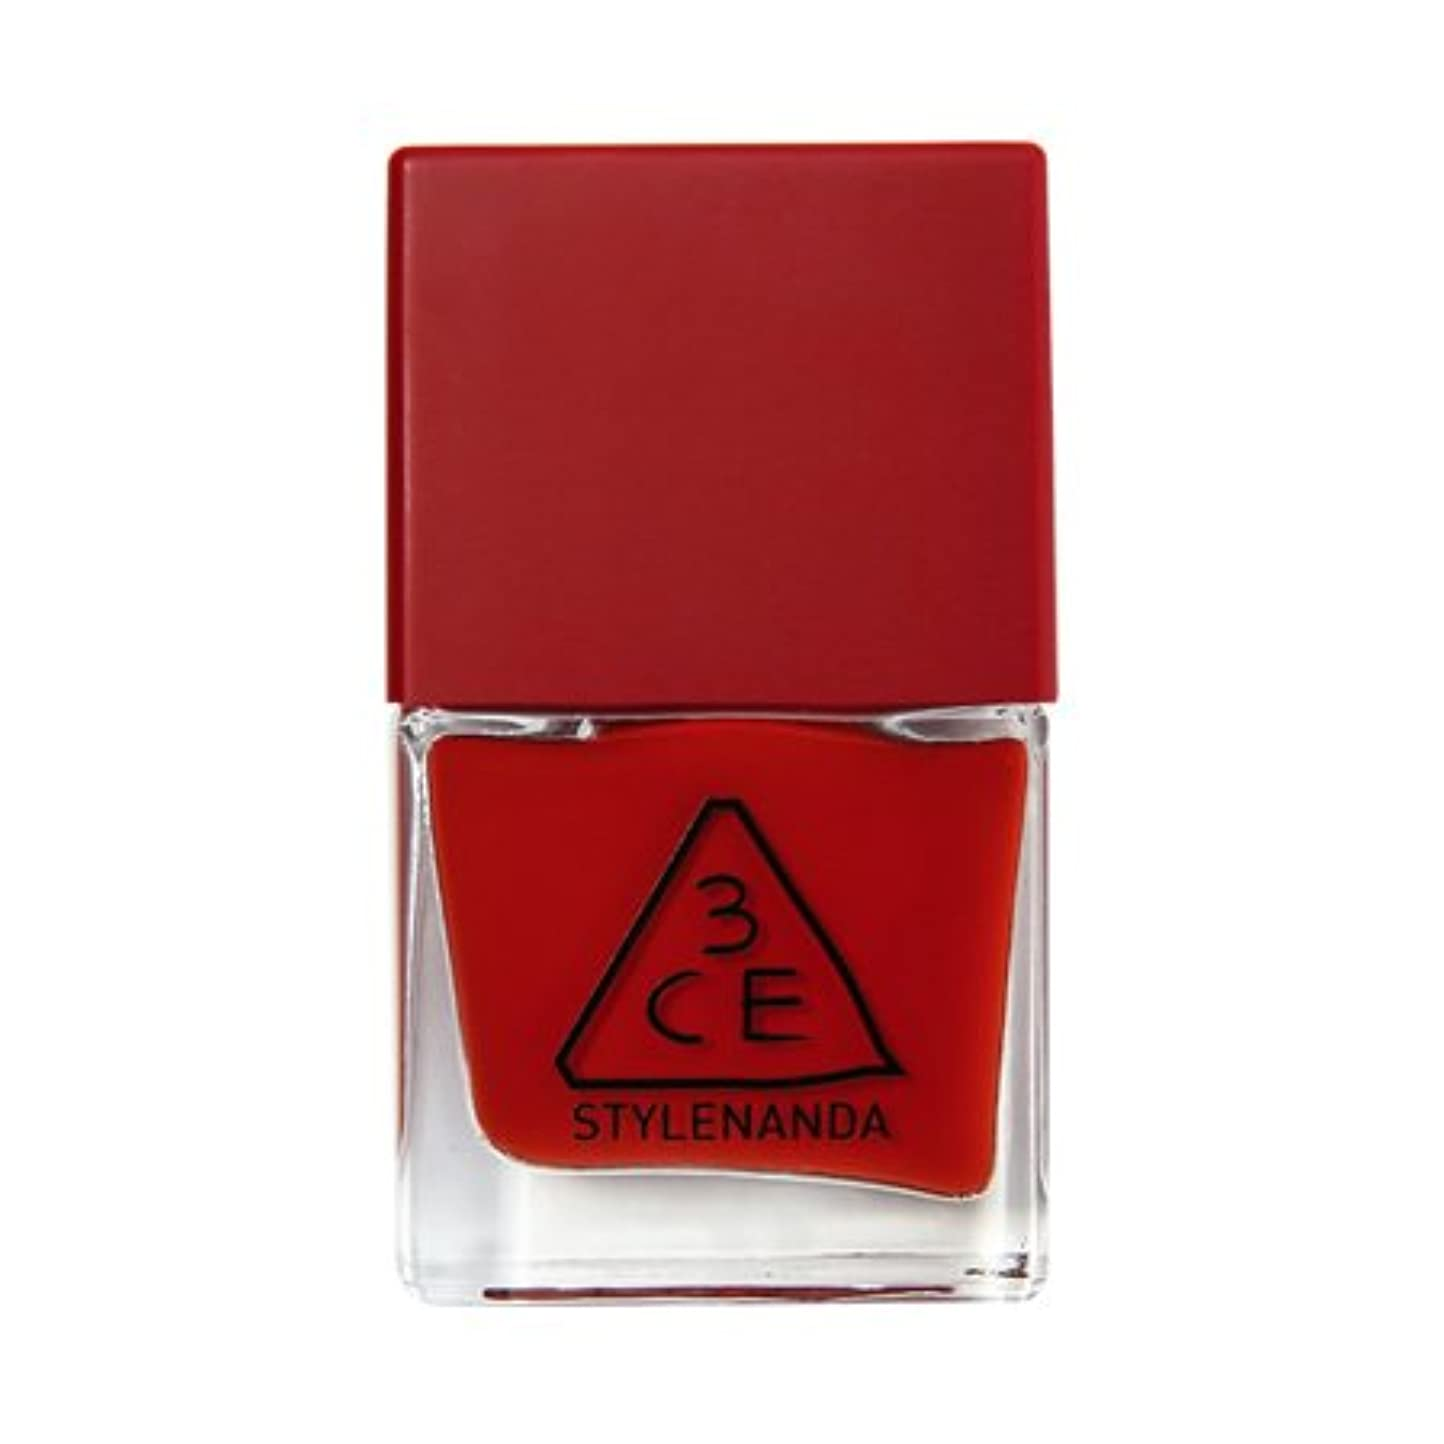 3CE RED RECIPE LONG LASTING NAIL LACQUER (#RD08) 3CEレッドレシピロングレーシュネイルラッカー (#RD08) [並行輸入品]